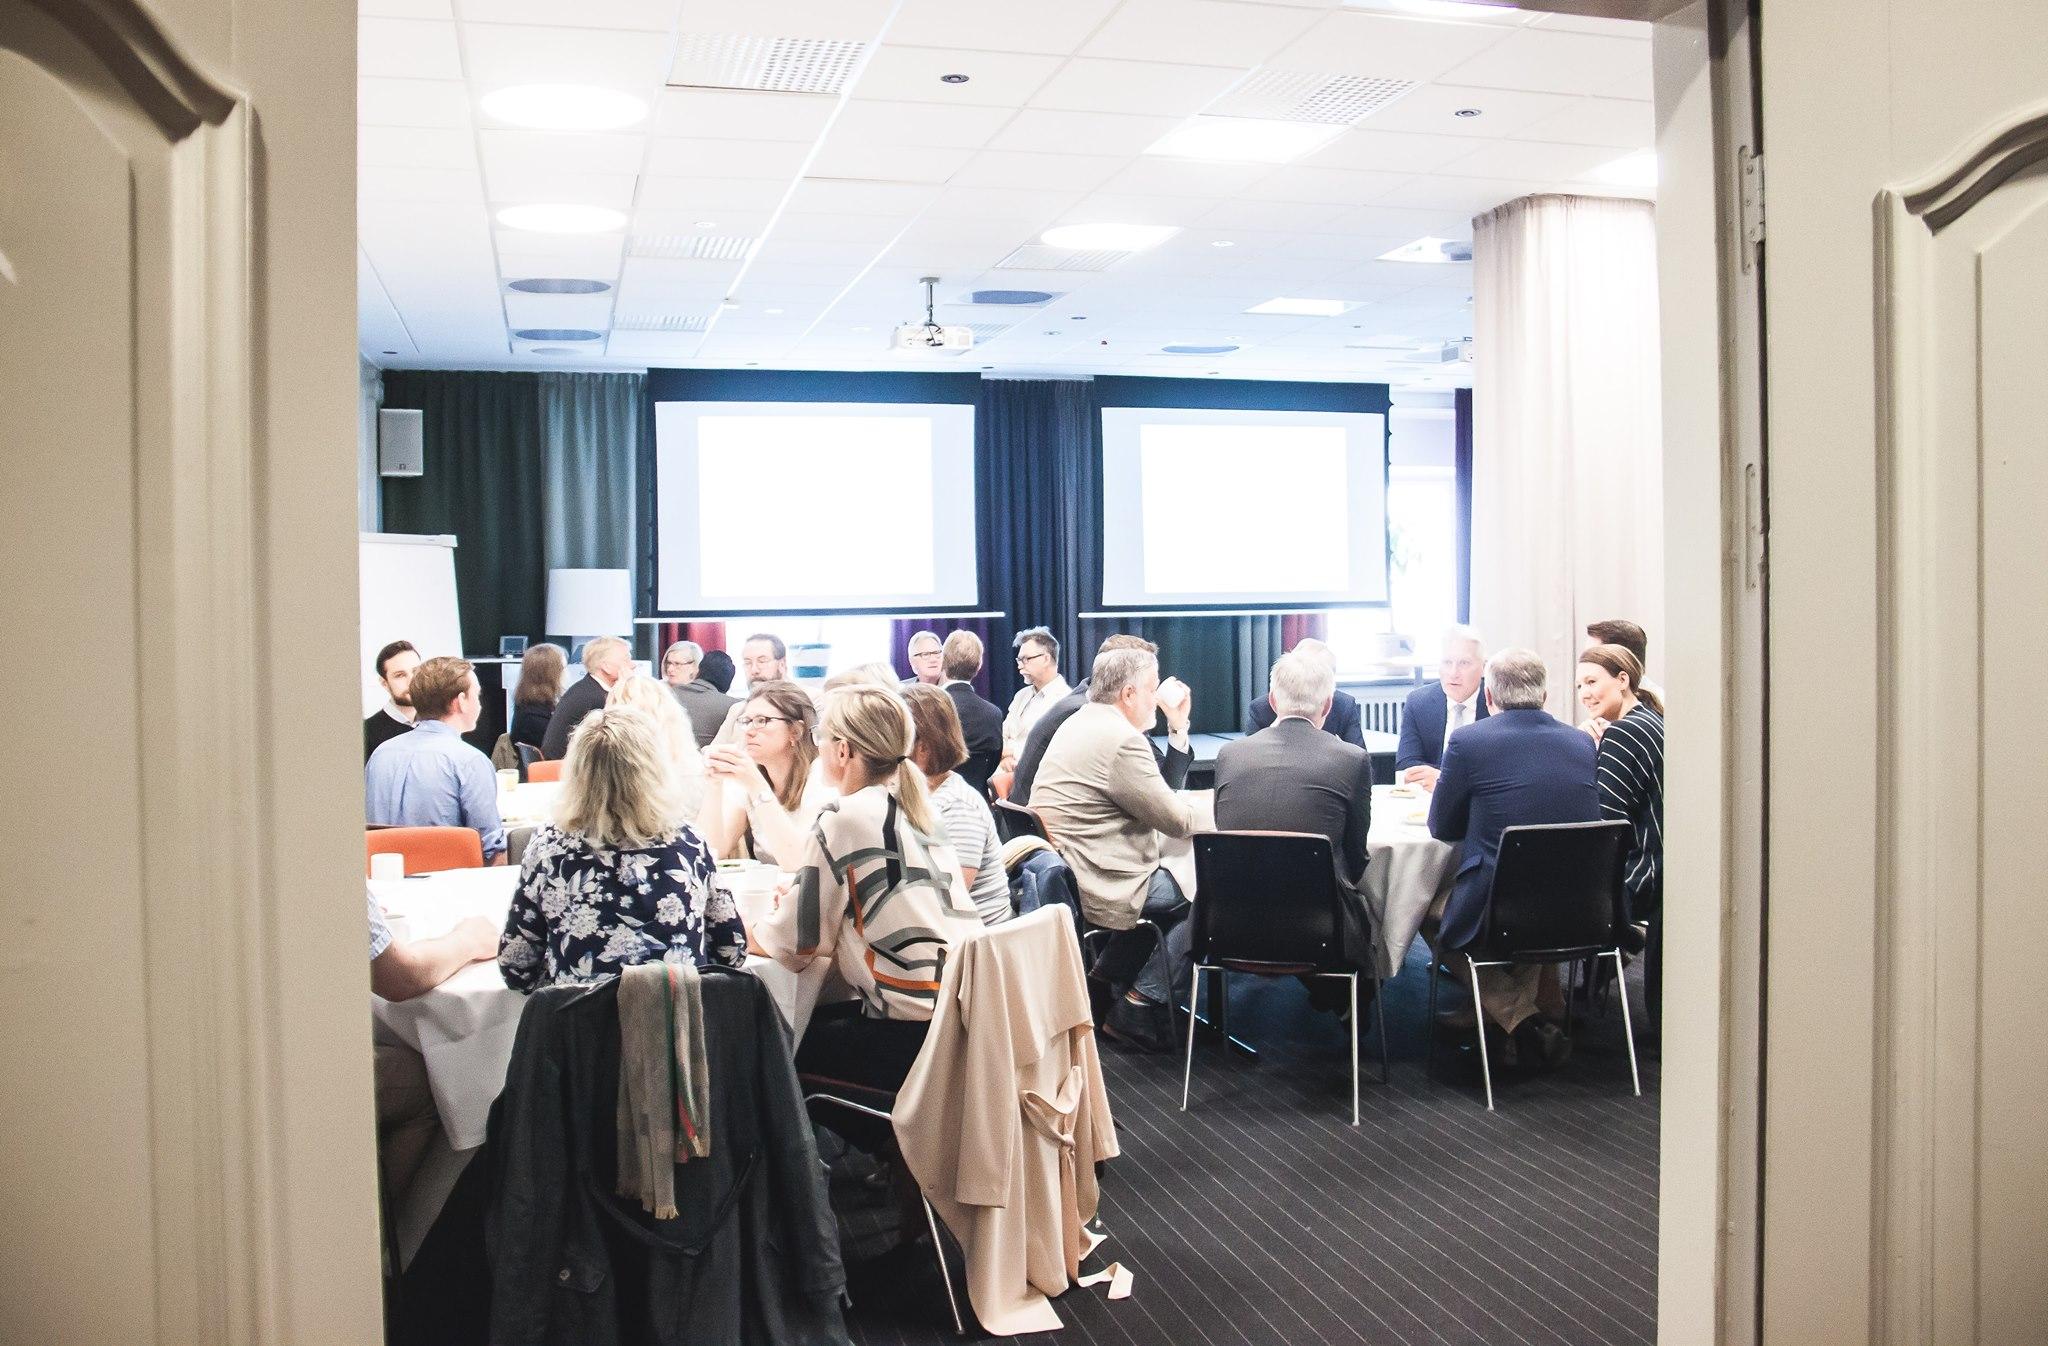 Värdeskapande möte i konferenssal